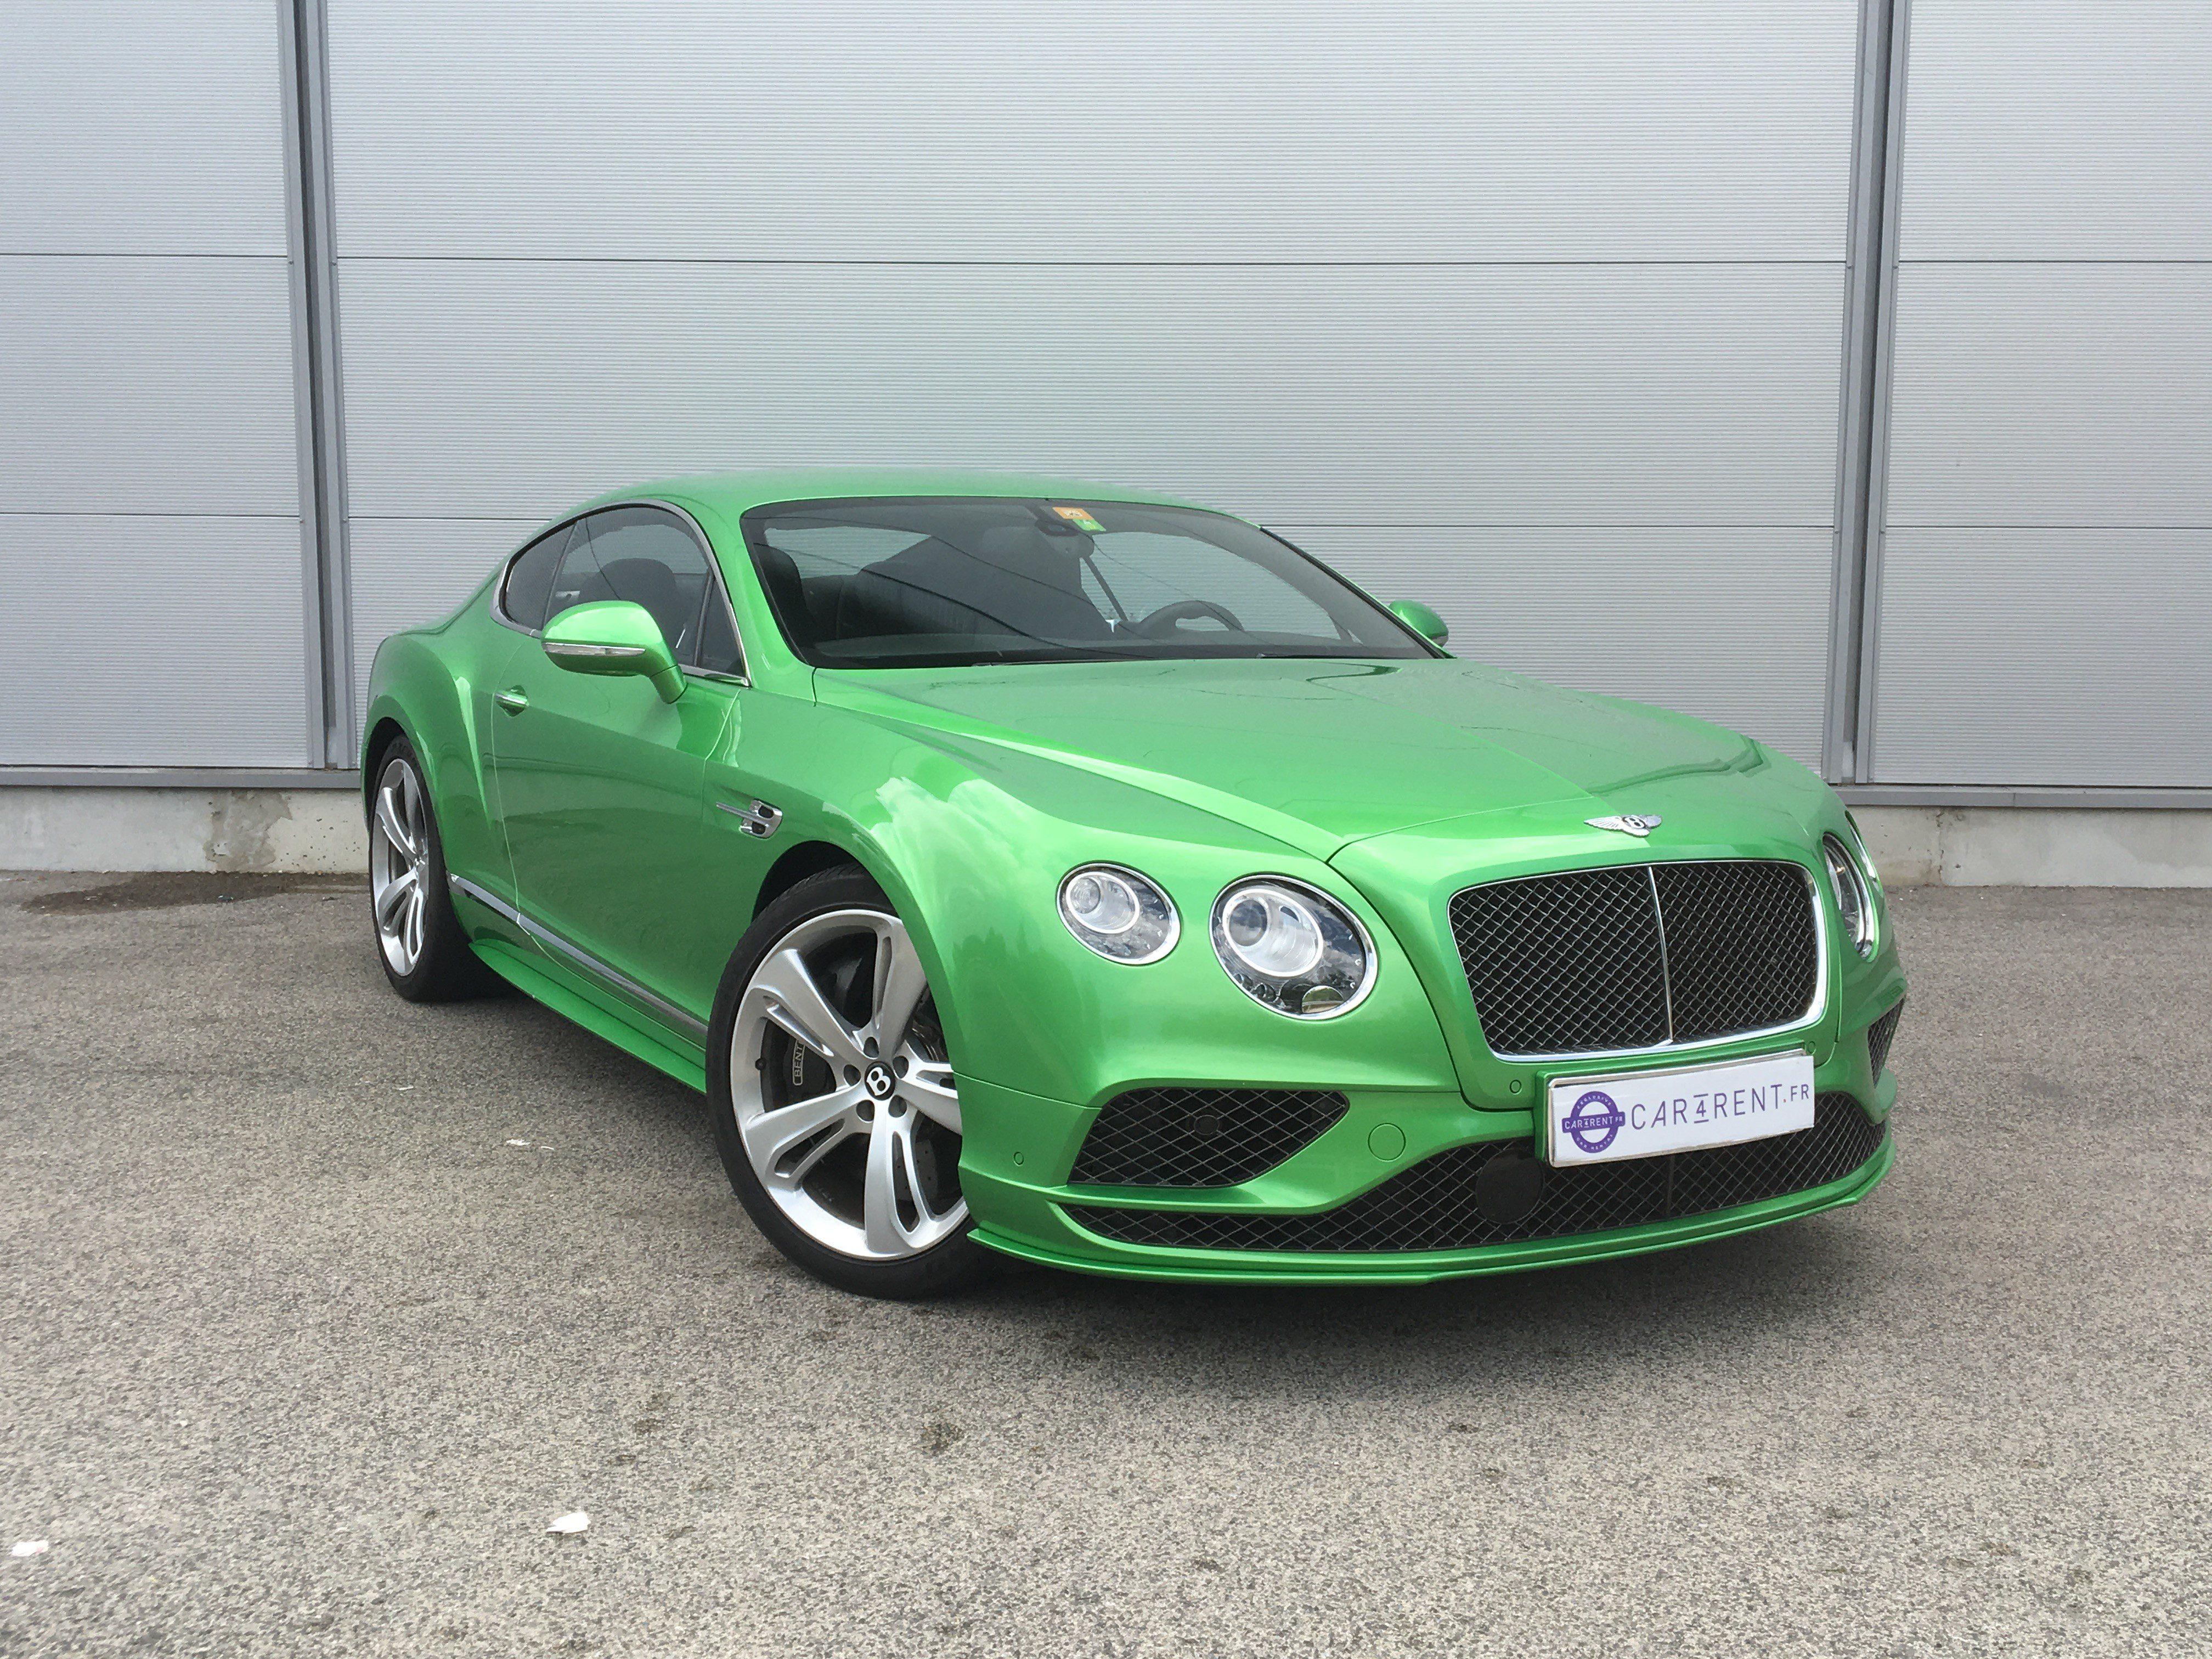 Car4rent Monaco Bentley speed